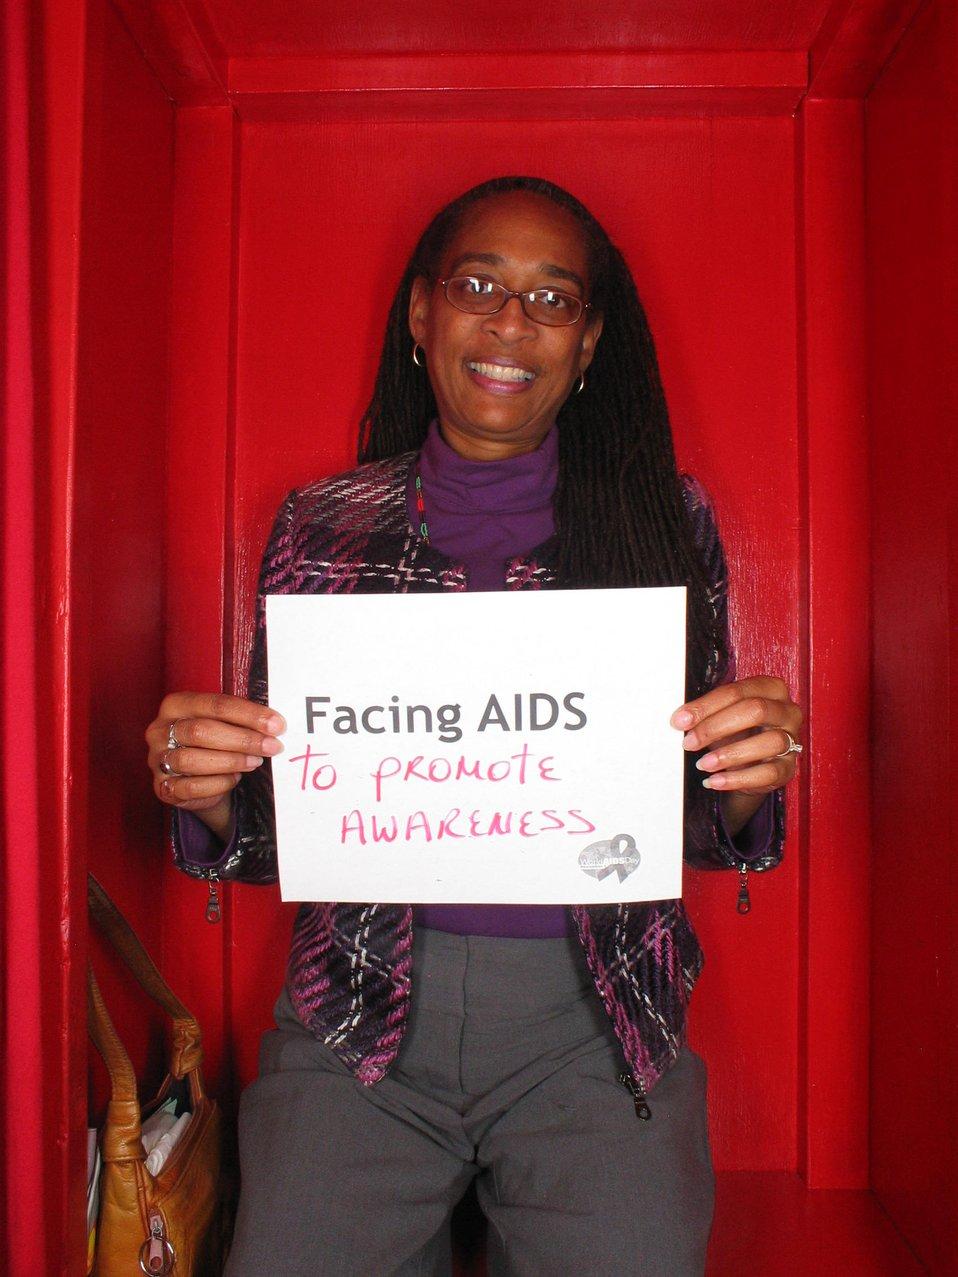 Facing AIDS to promote awareness